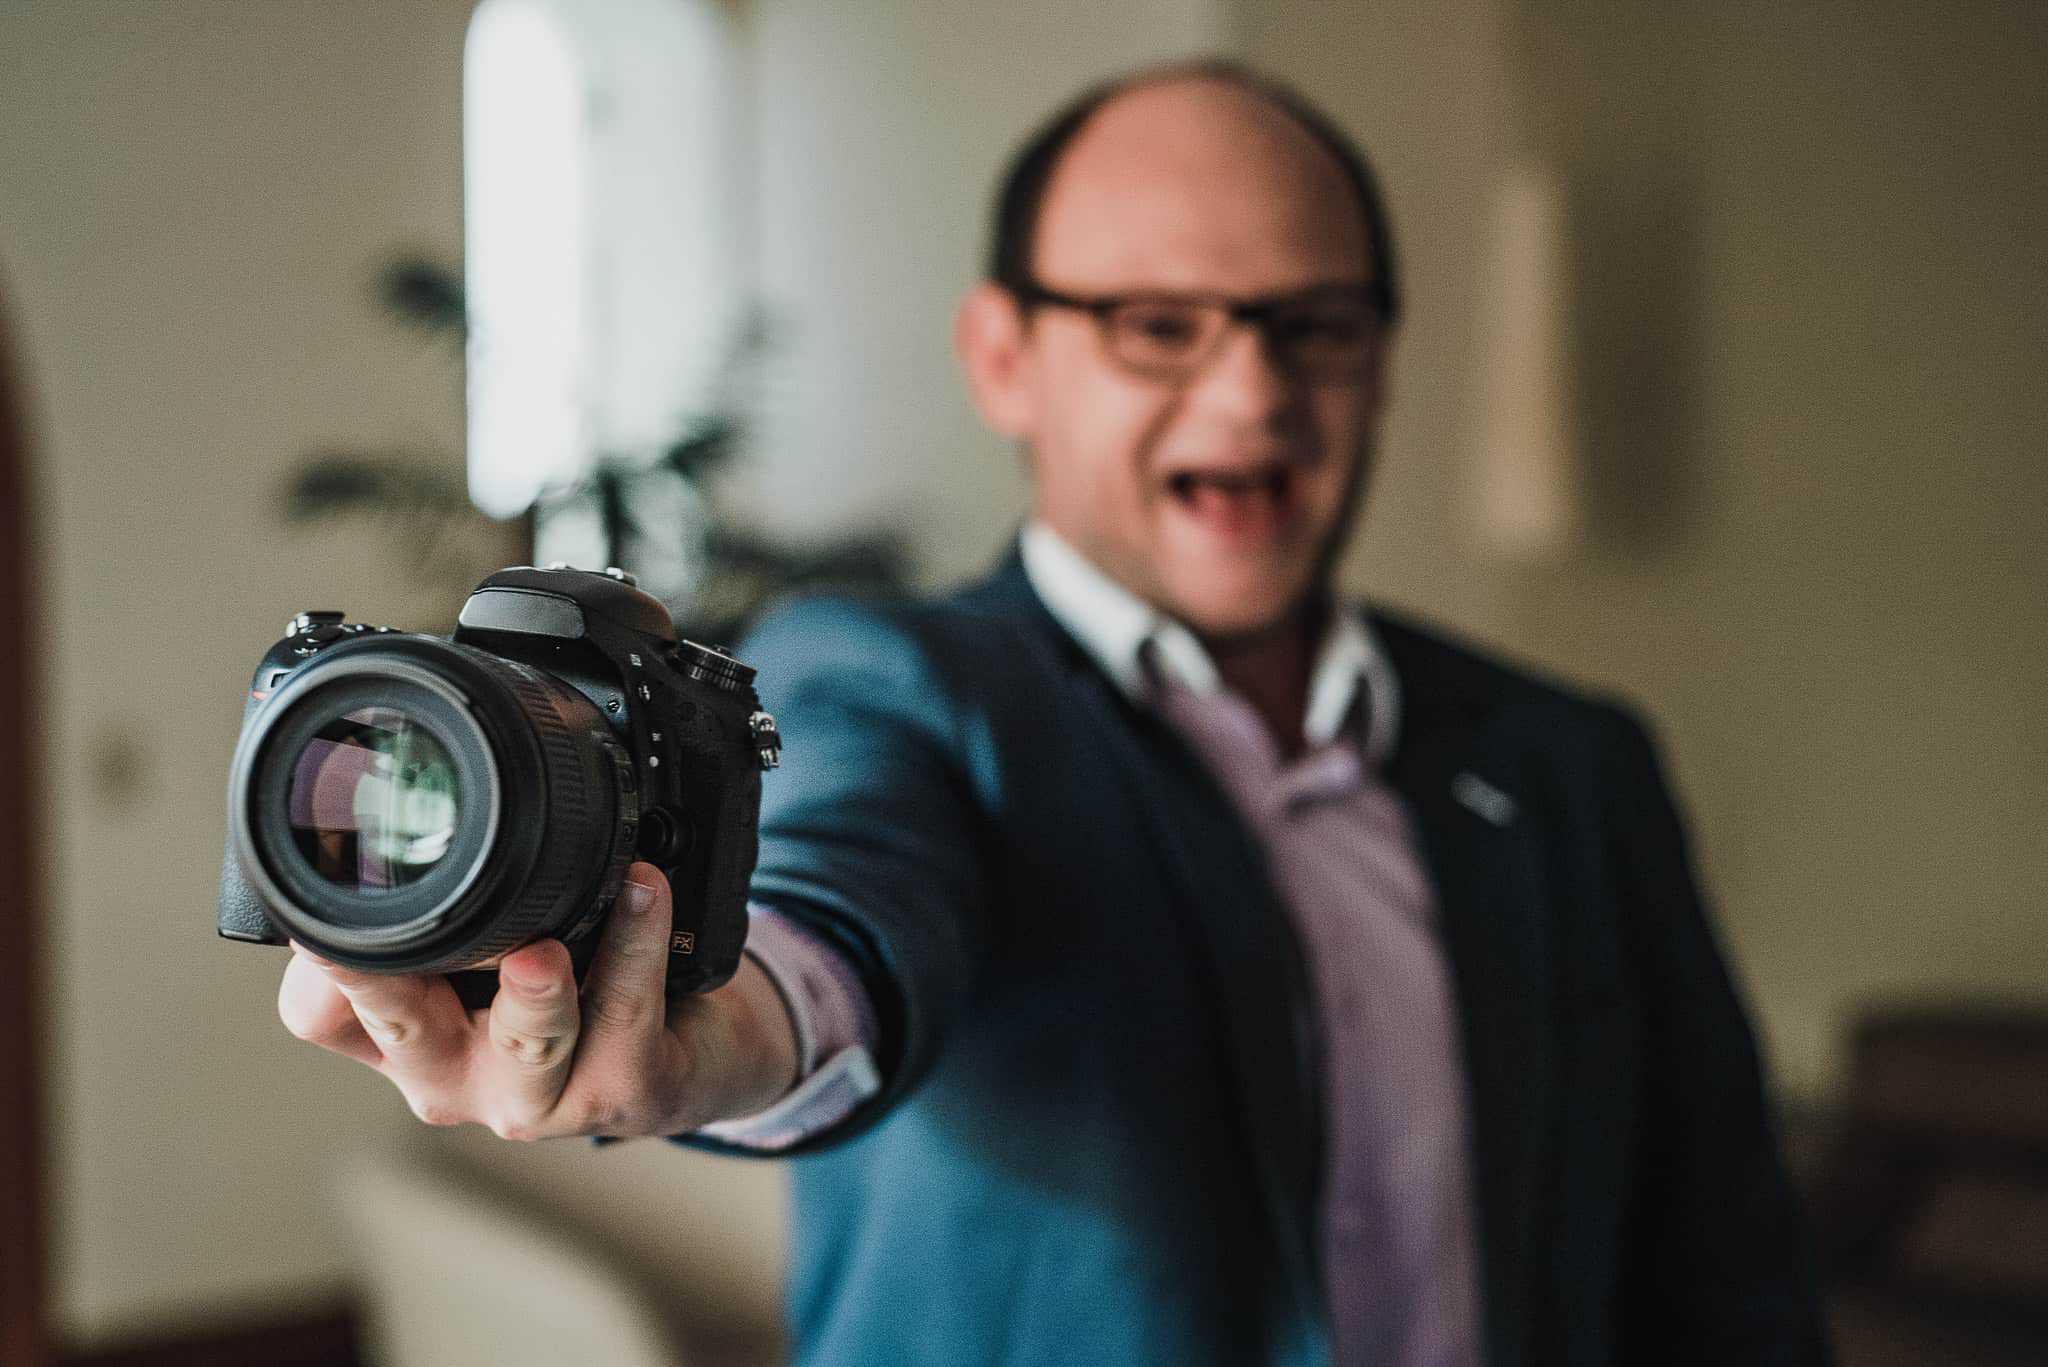 Dicas de Fotografia – 17 Artigos para te ajudar a ser um fotógrafo melhor